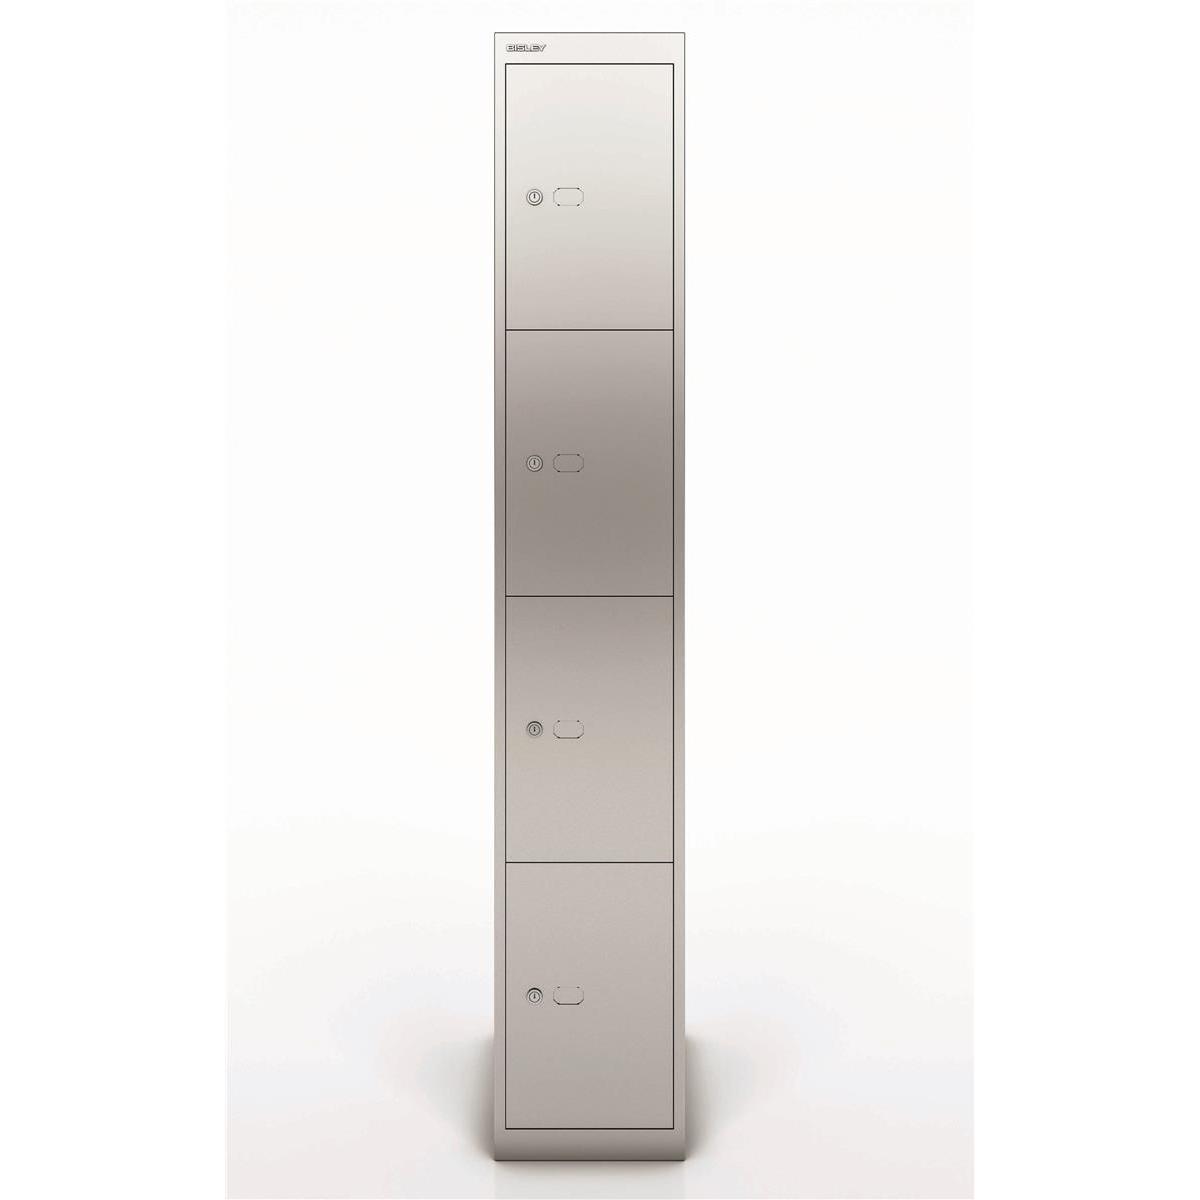 Bisley Locker 4 Door Silver 457d Ref CLK184-arn